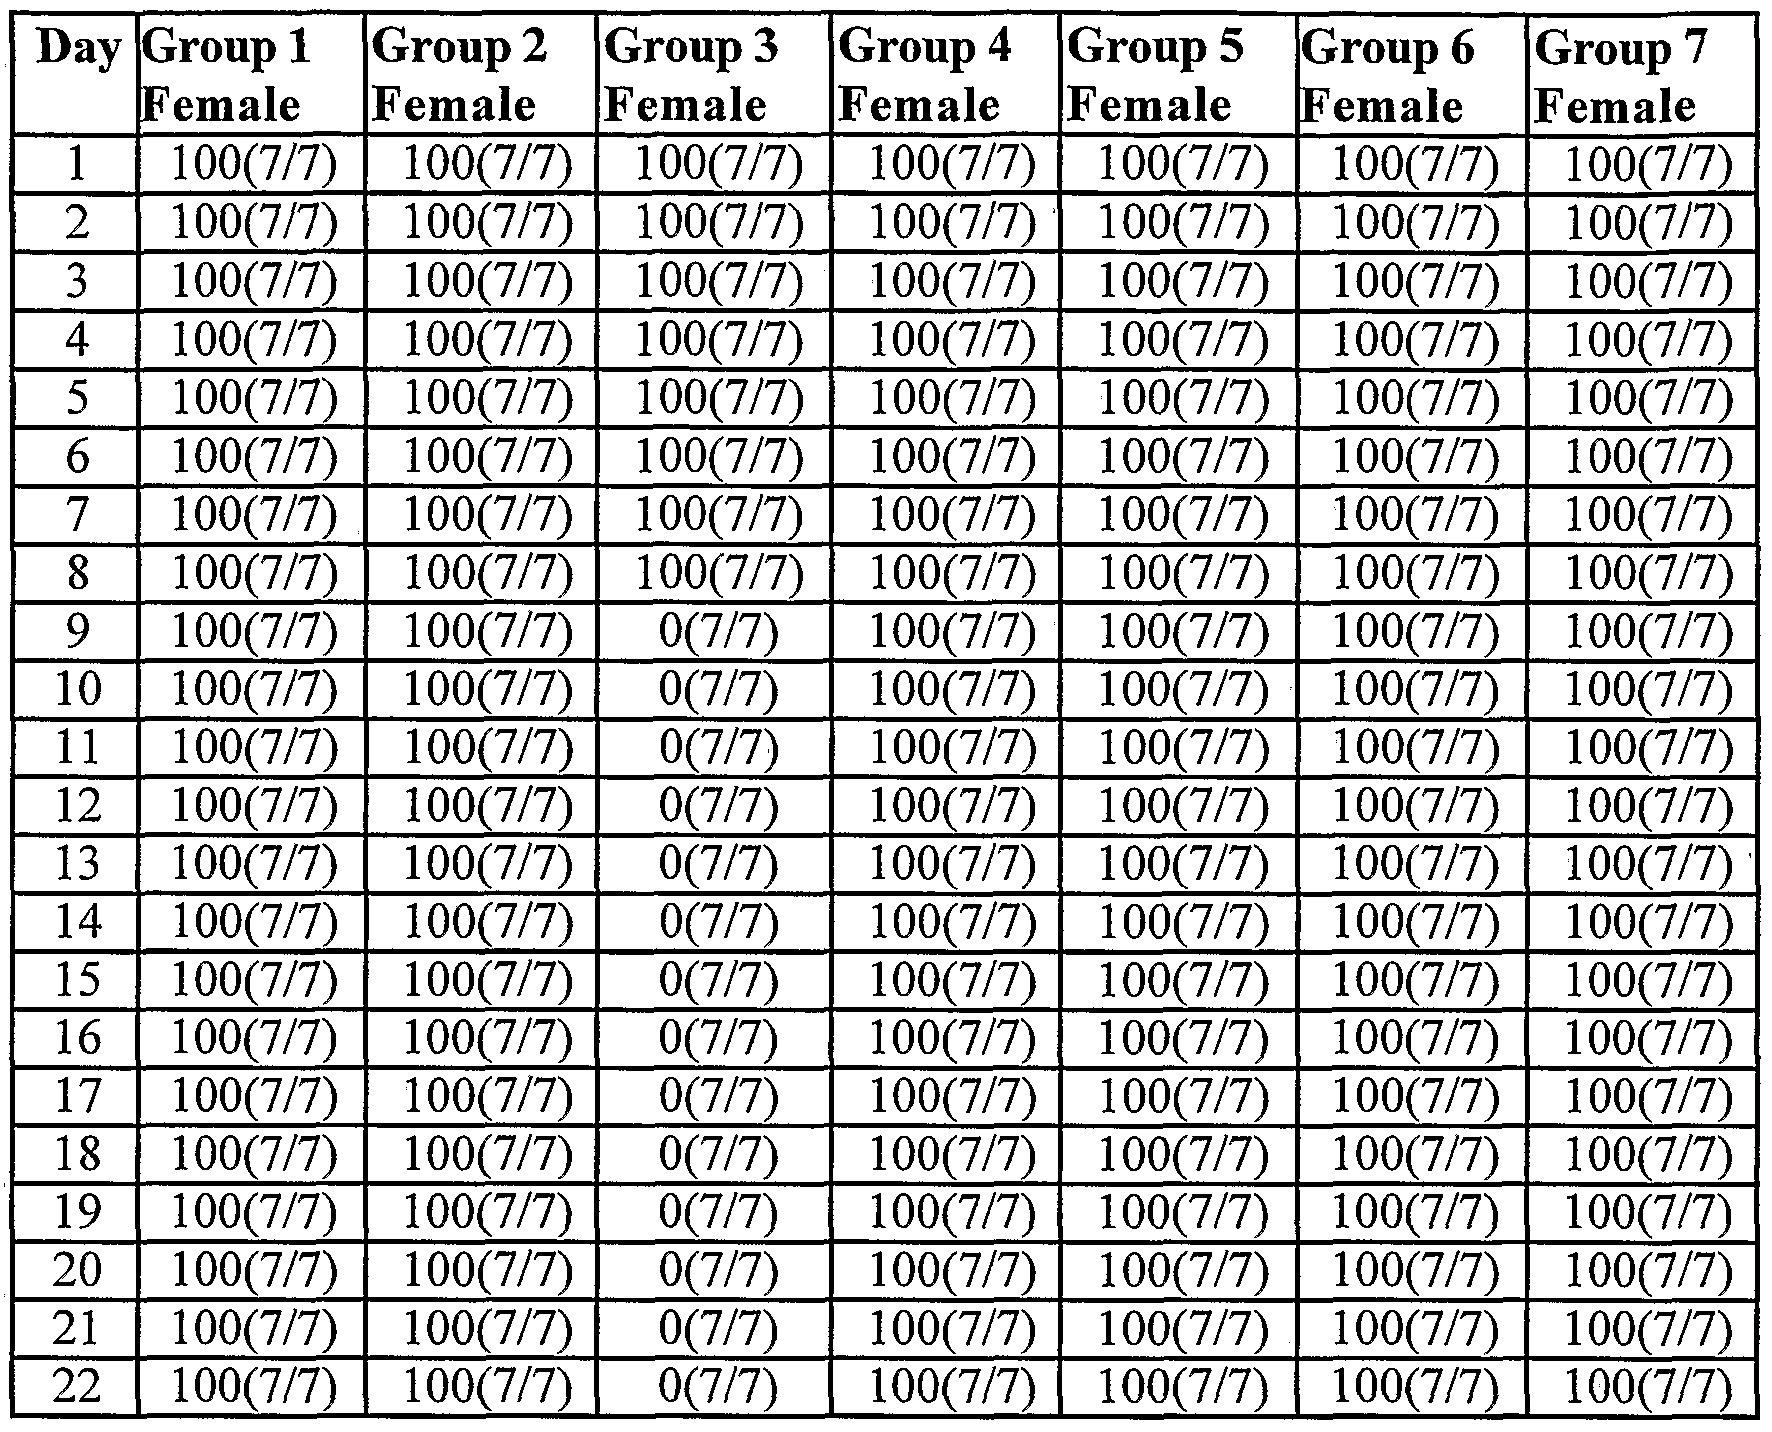 Multi-Dose Vial 28 Day Expiration Calendar :-Free Calendar Template with Multi-Dose Vial 28 Day Calendar